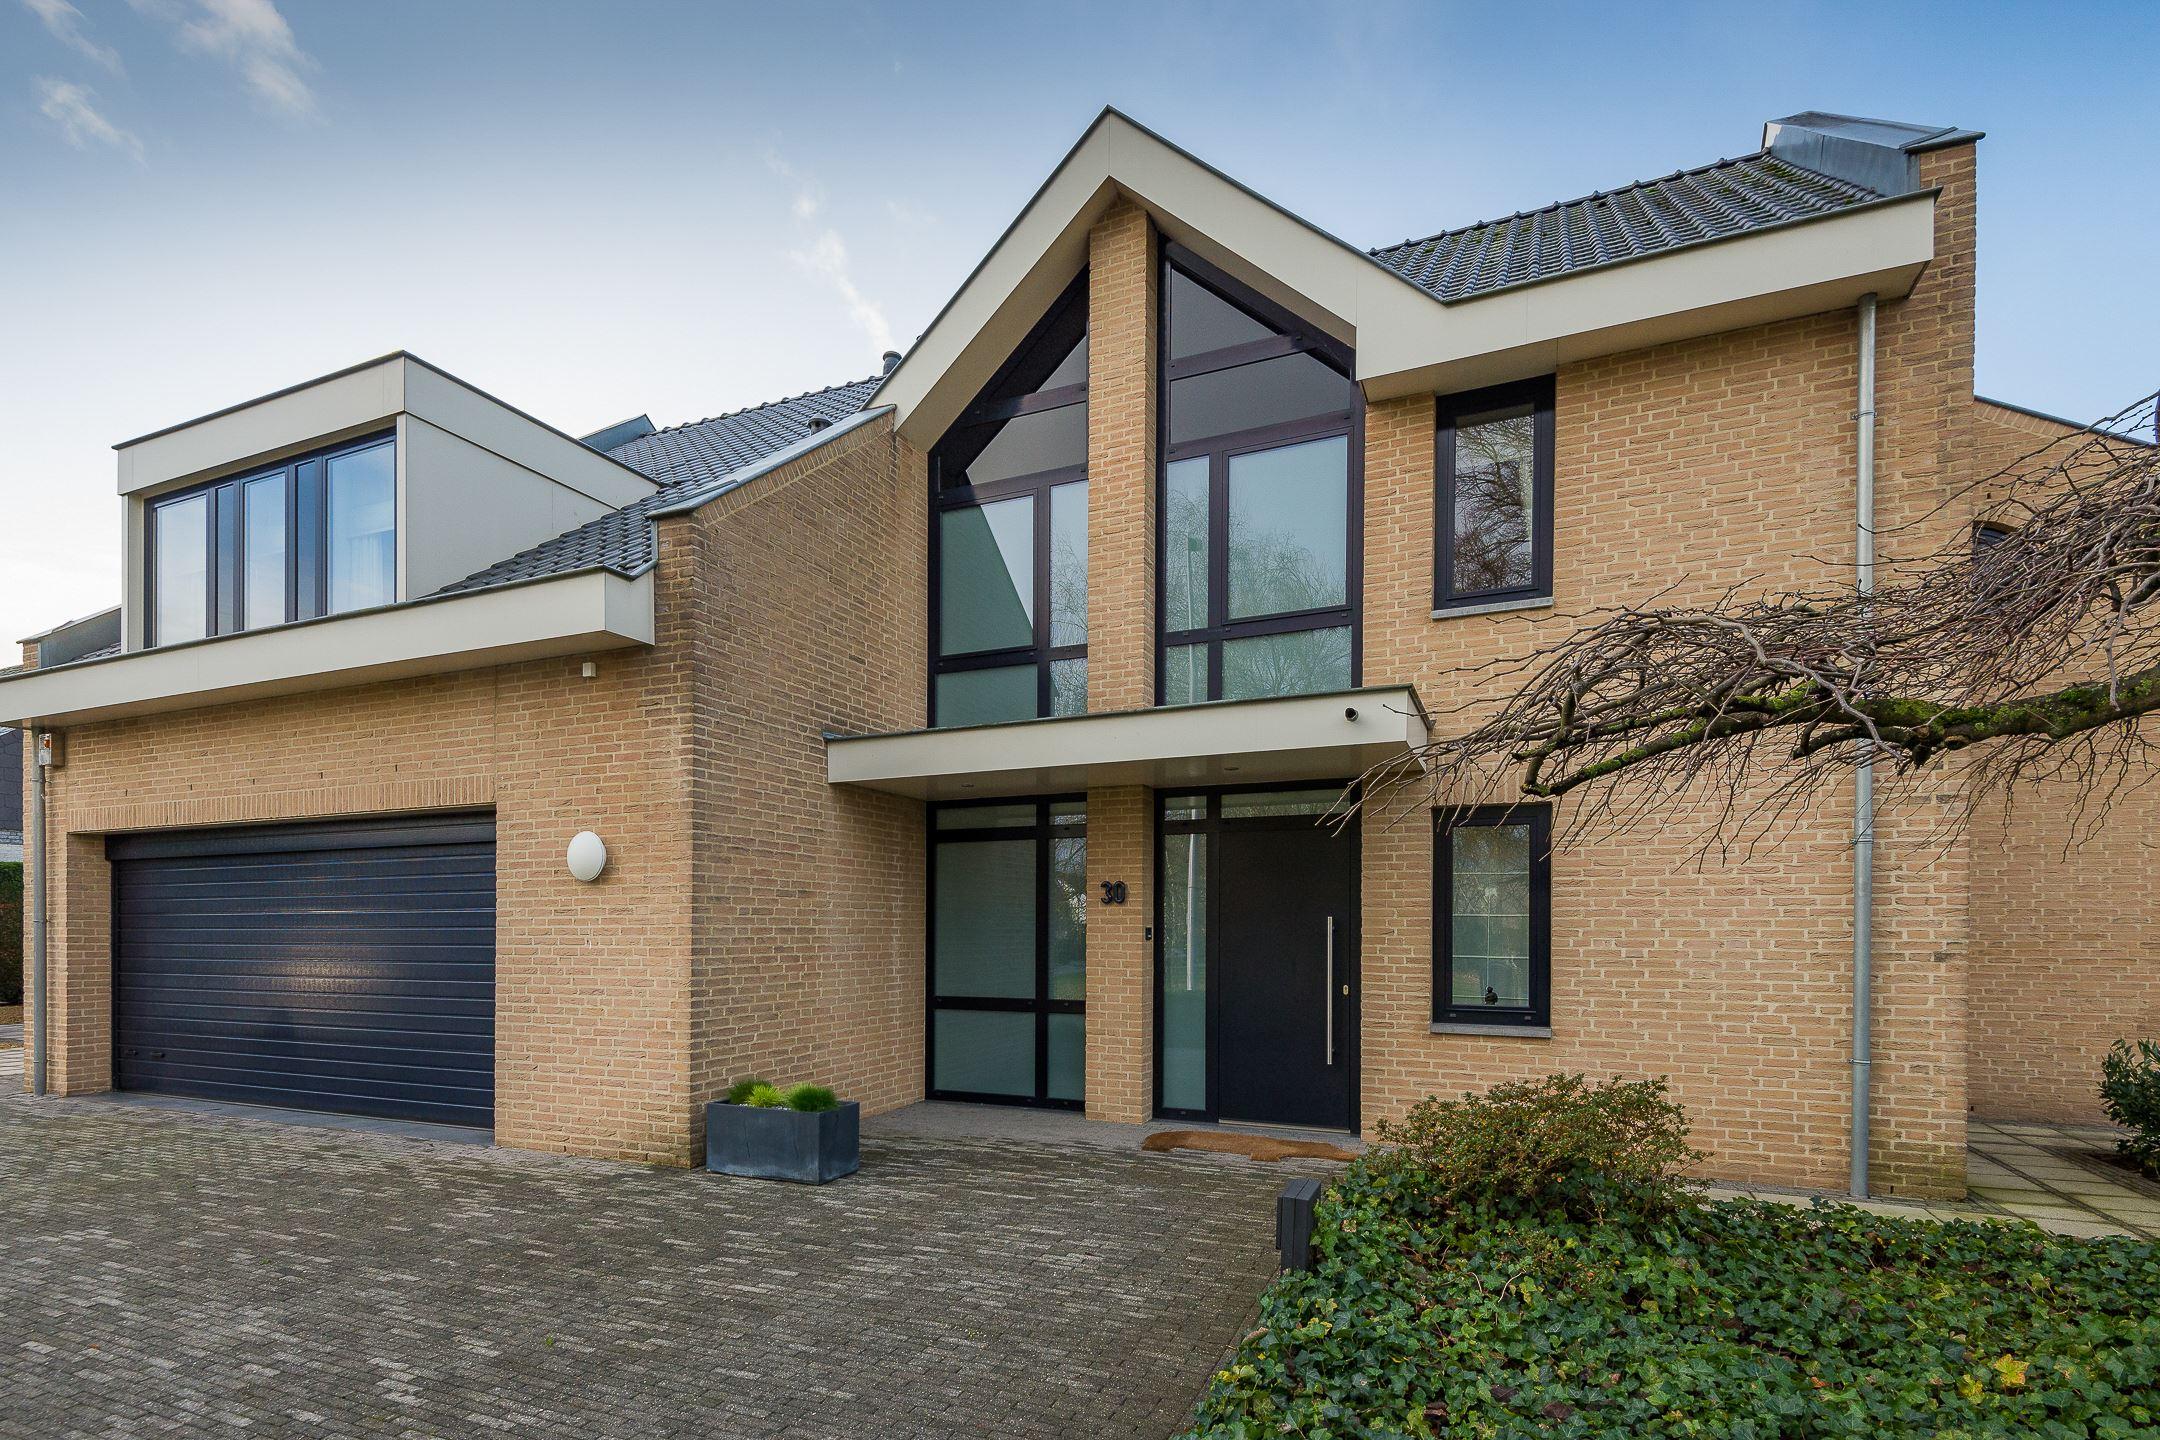 Huis te koop ganzepoel 30 lanaken belgi 6219 maastricht for Huis te koop maastricht